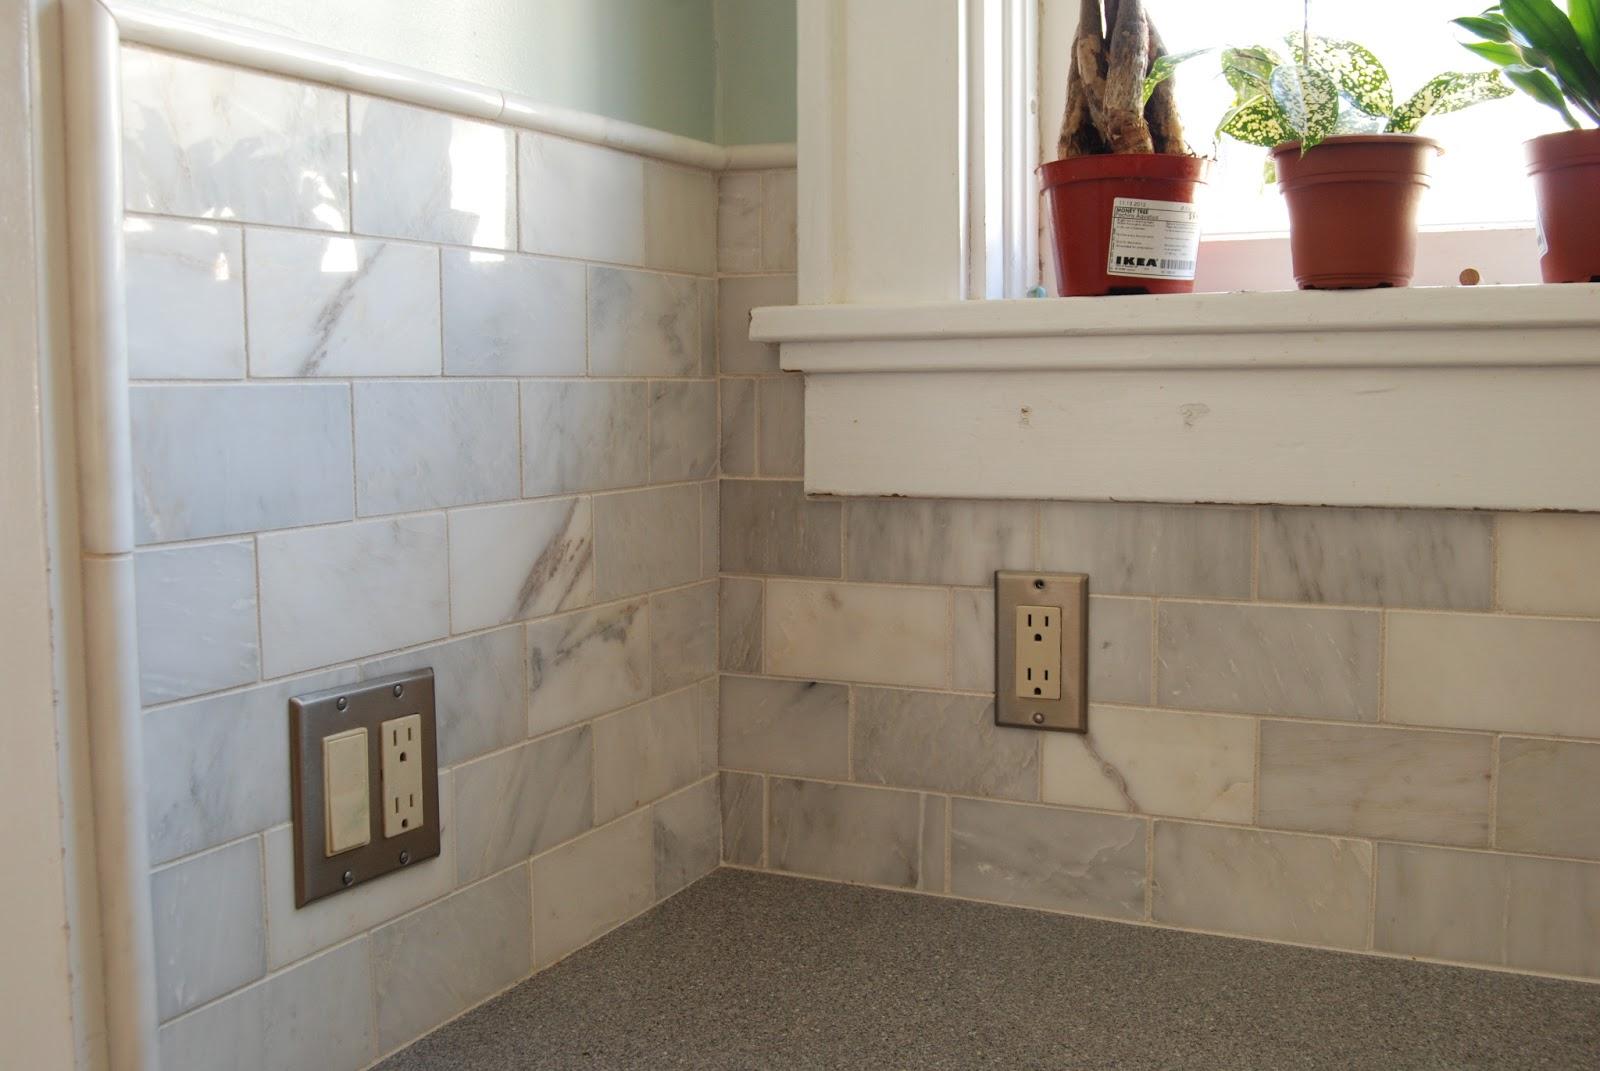 storage ideas for corner kitchen cabinets